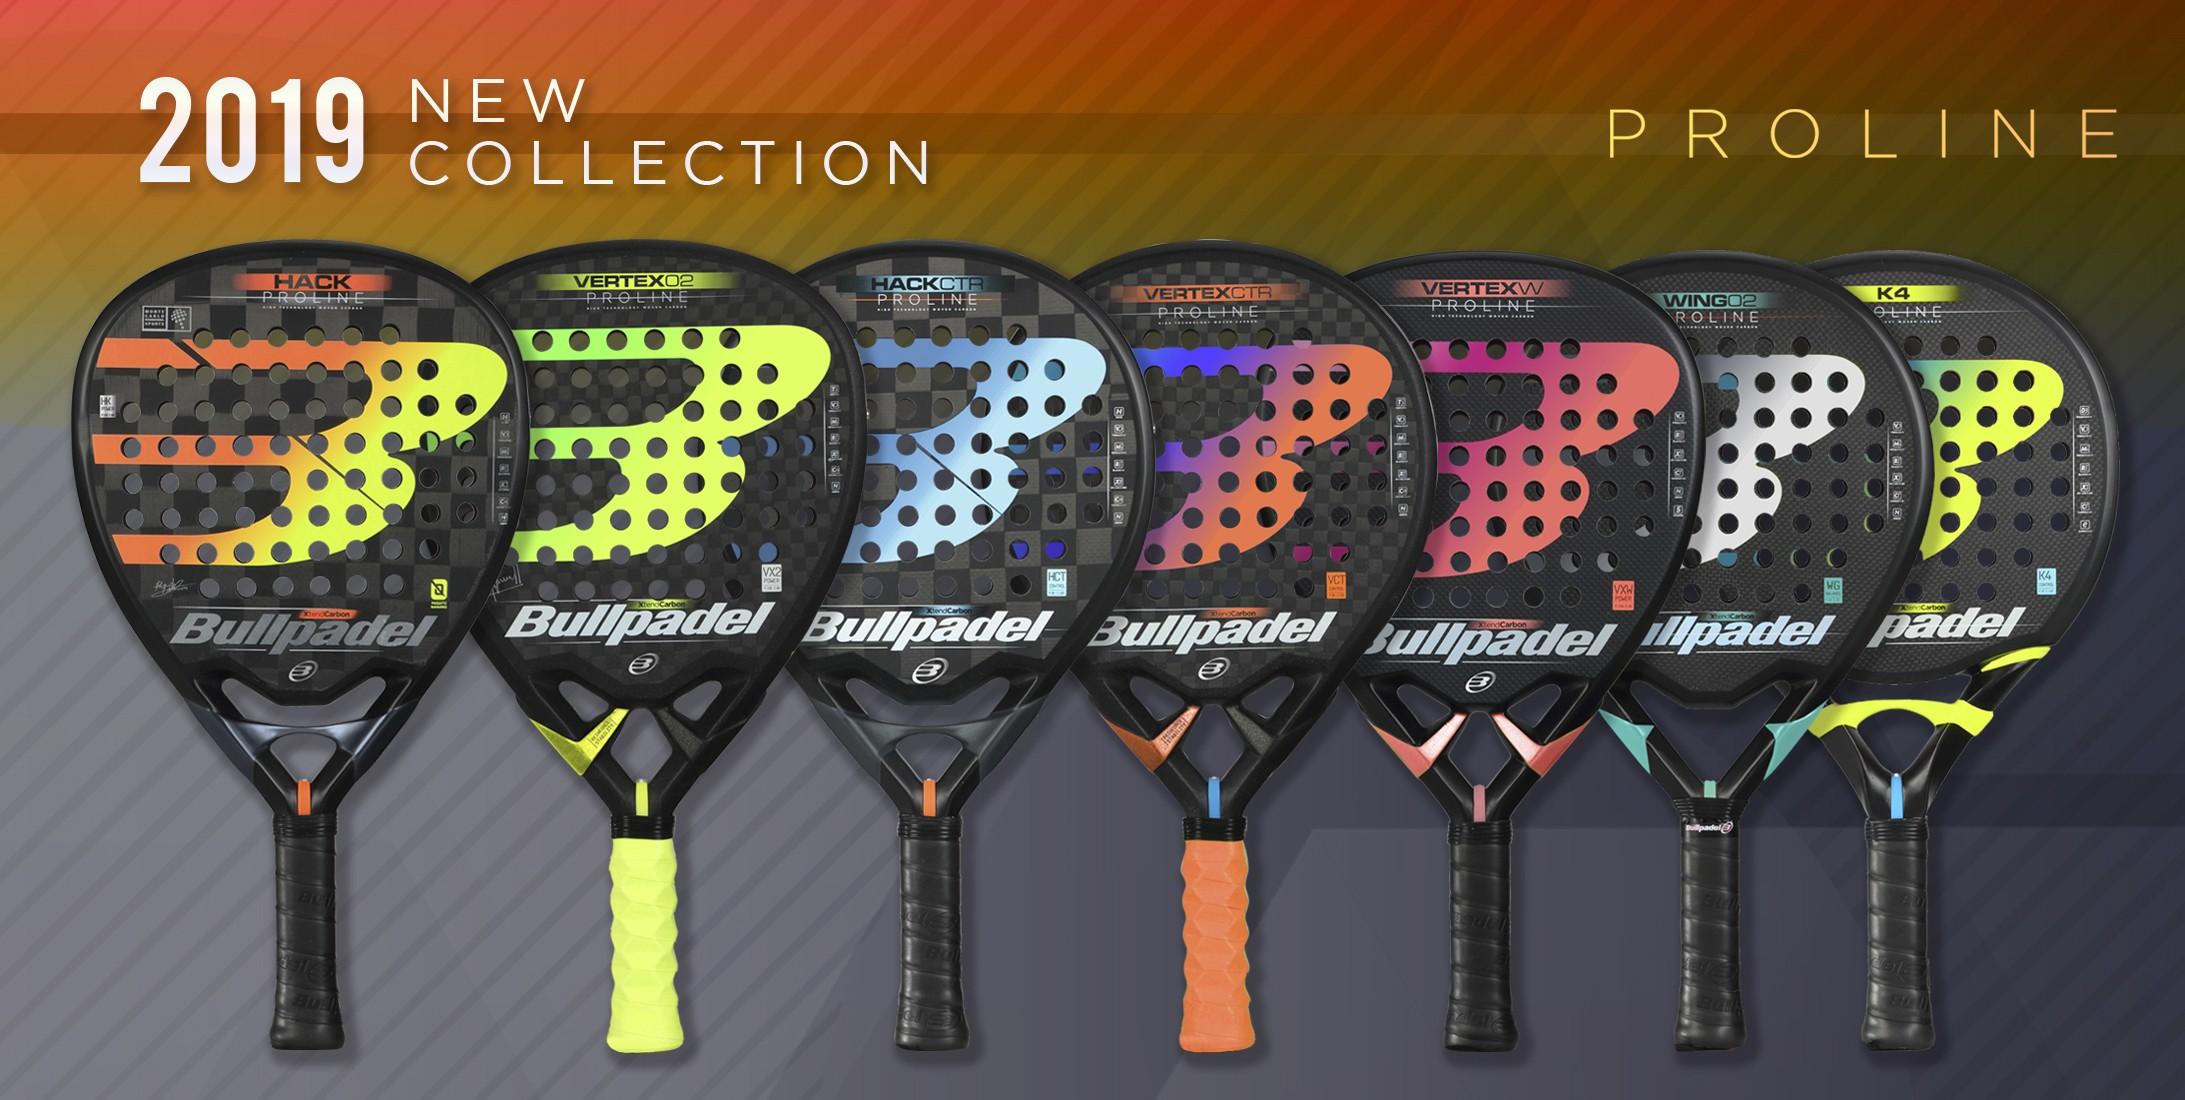 Nueva Colección Bullpadel Pro Line 2019